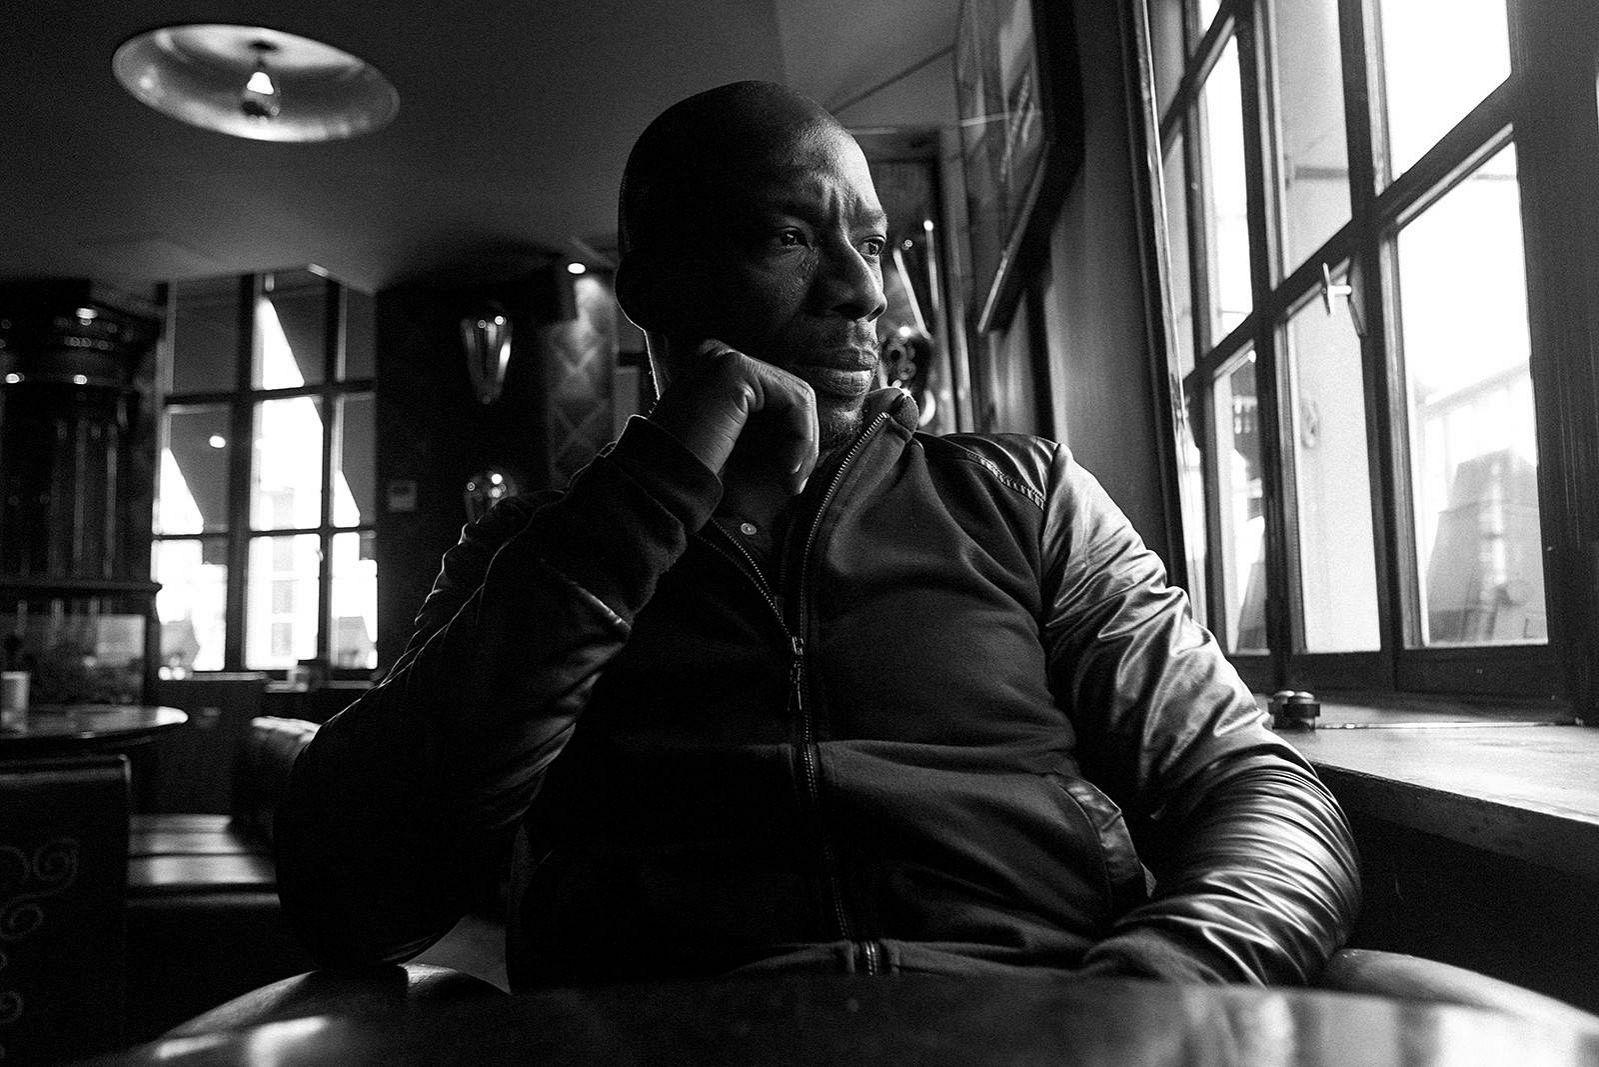 portrait doudoumasta rappeur david delaplace - 7 idées de cadeaux cools à offrir à Noël aux amateurs de musiques urbaines